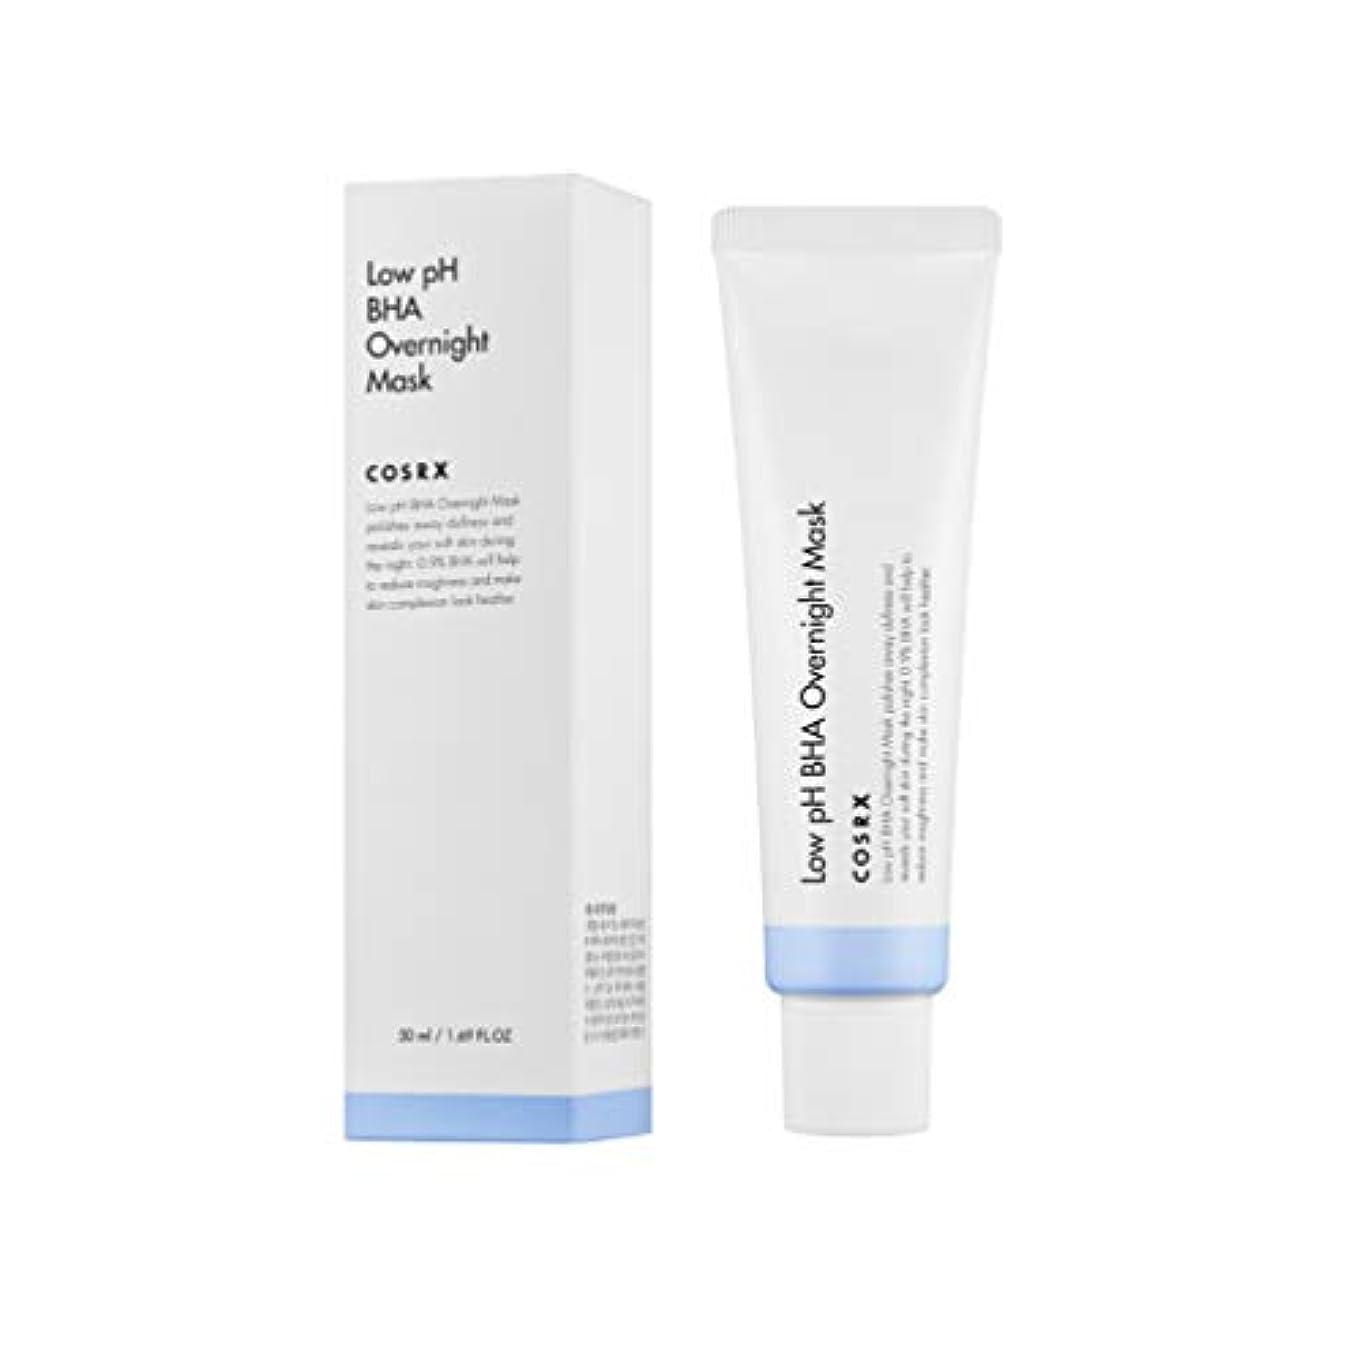 単調な仕える枯渇COSRX 弱酸性 BHA オーバーナイト マスク / Low pH BHA Overnight Mask (50ml) [並行輸入品]